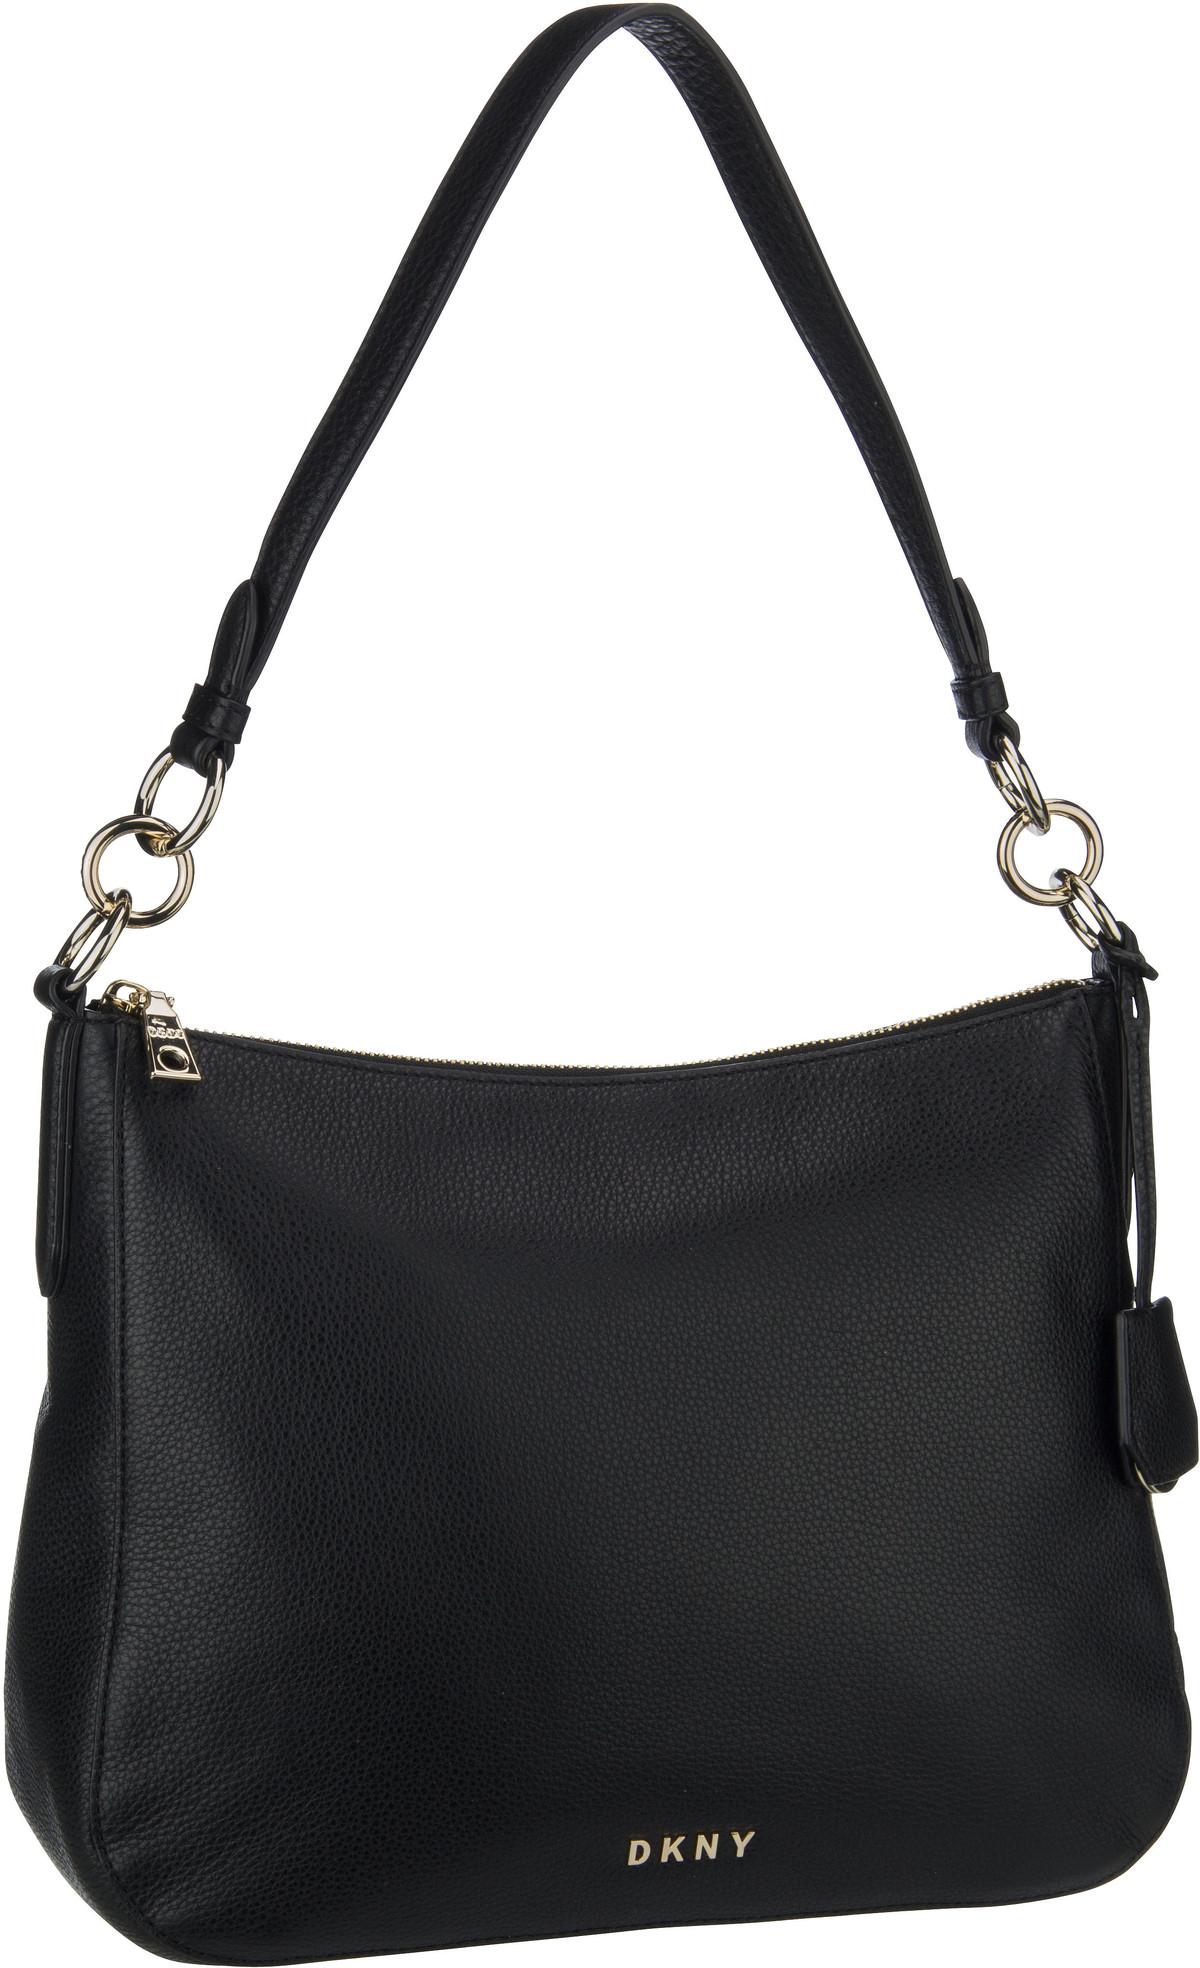 Handtasche Daysie Large Hobo Black/Gold